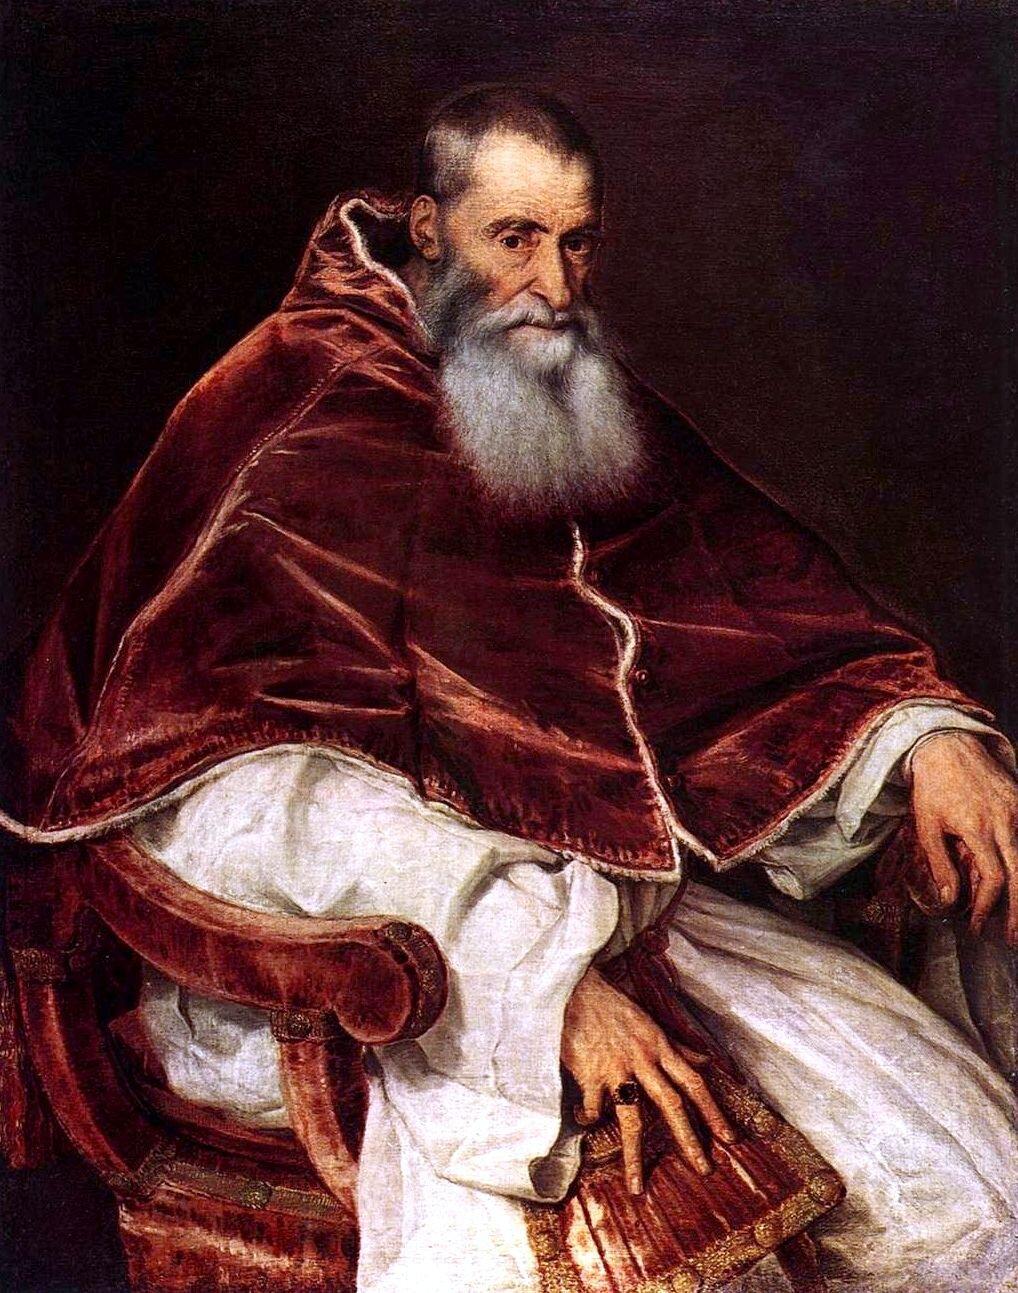 Paweł III (Aleksander Fernese – 1539-1549) Źródło: Titian, Paweł III (Aleksander Fernese – 1539-1549), 1545-1546, olej na płótnie, Museo di Capodimonte, domena publiczna.